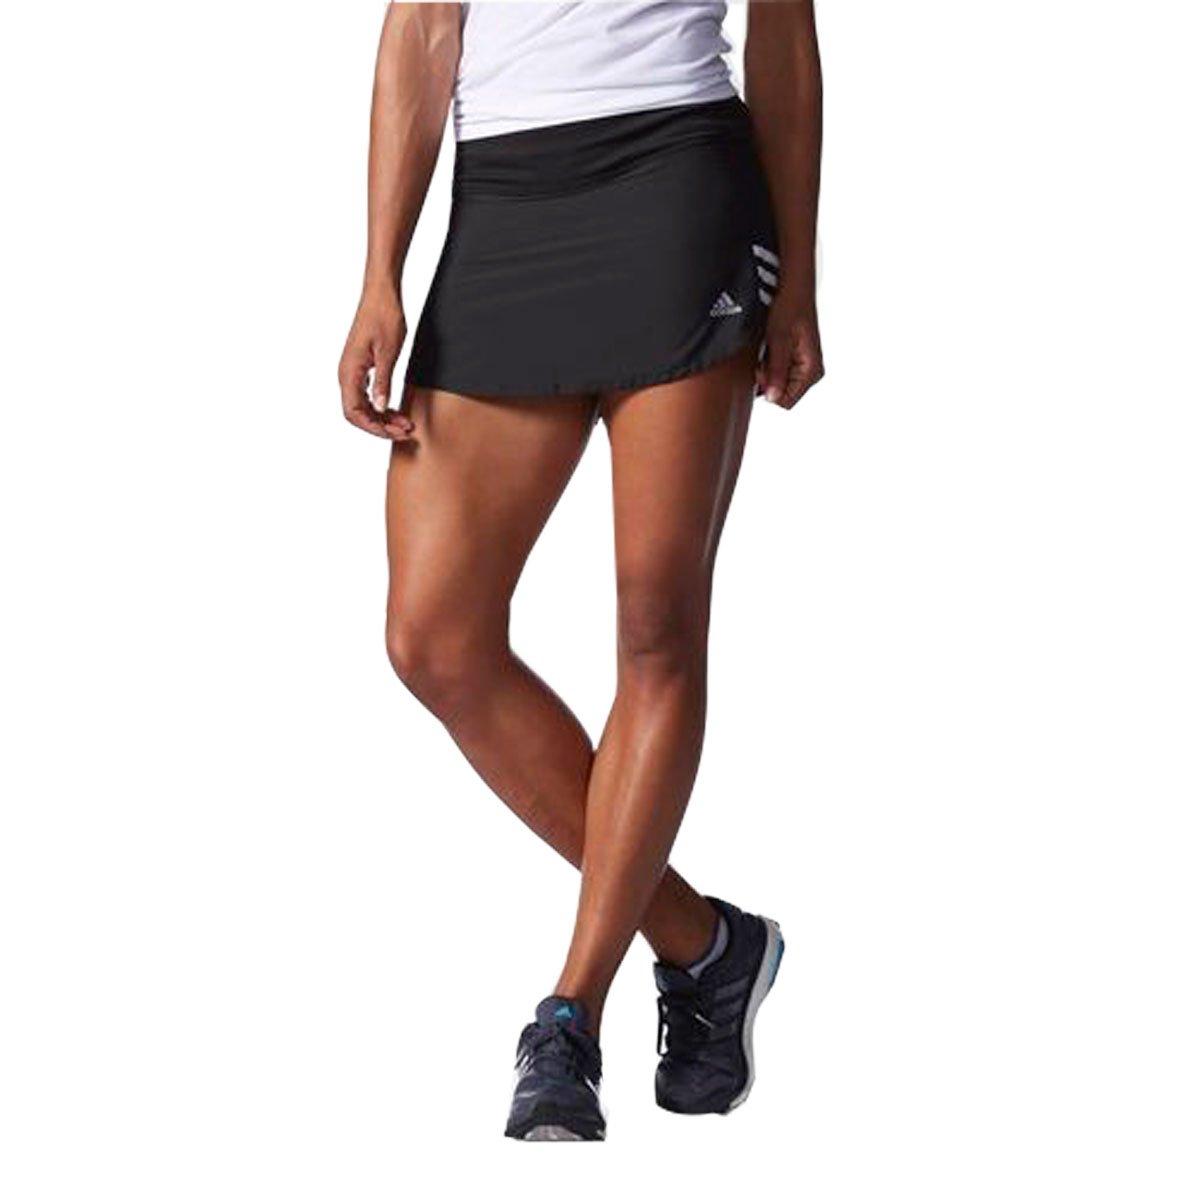 Bizz Store - Saia Shorts Adidas Response Feminina 8b651b407f4f2